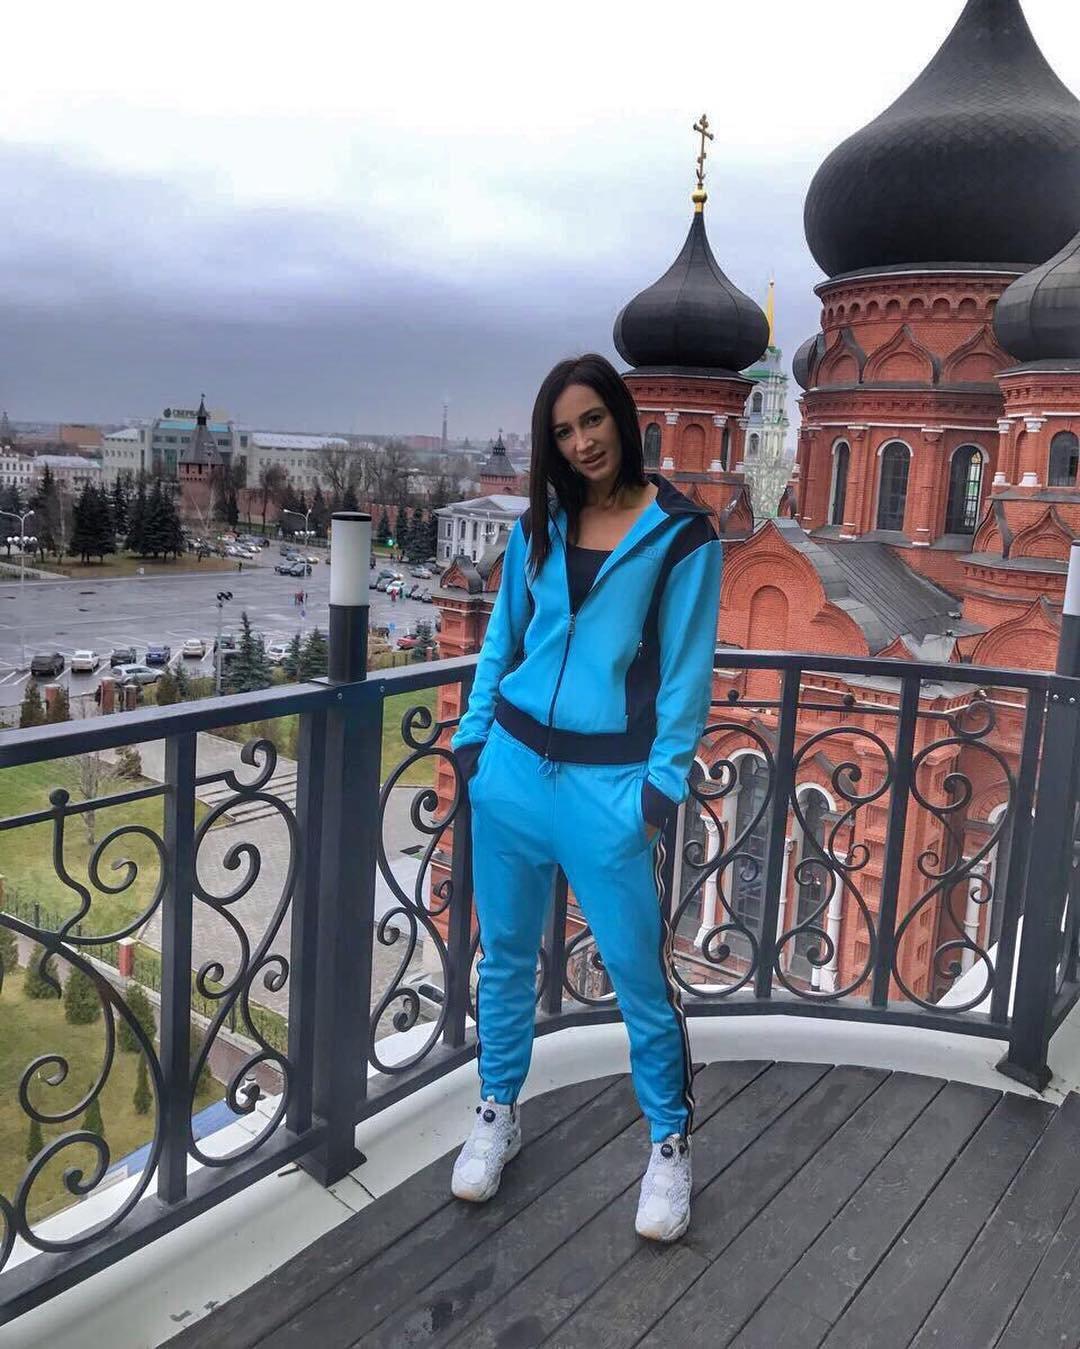 Ольга Бузова шокировала поклонников снимком в лосинах на фоне церкви